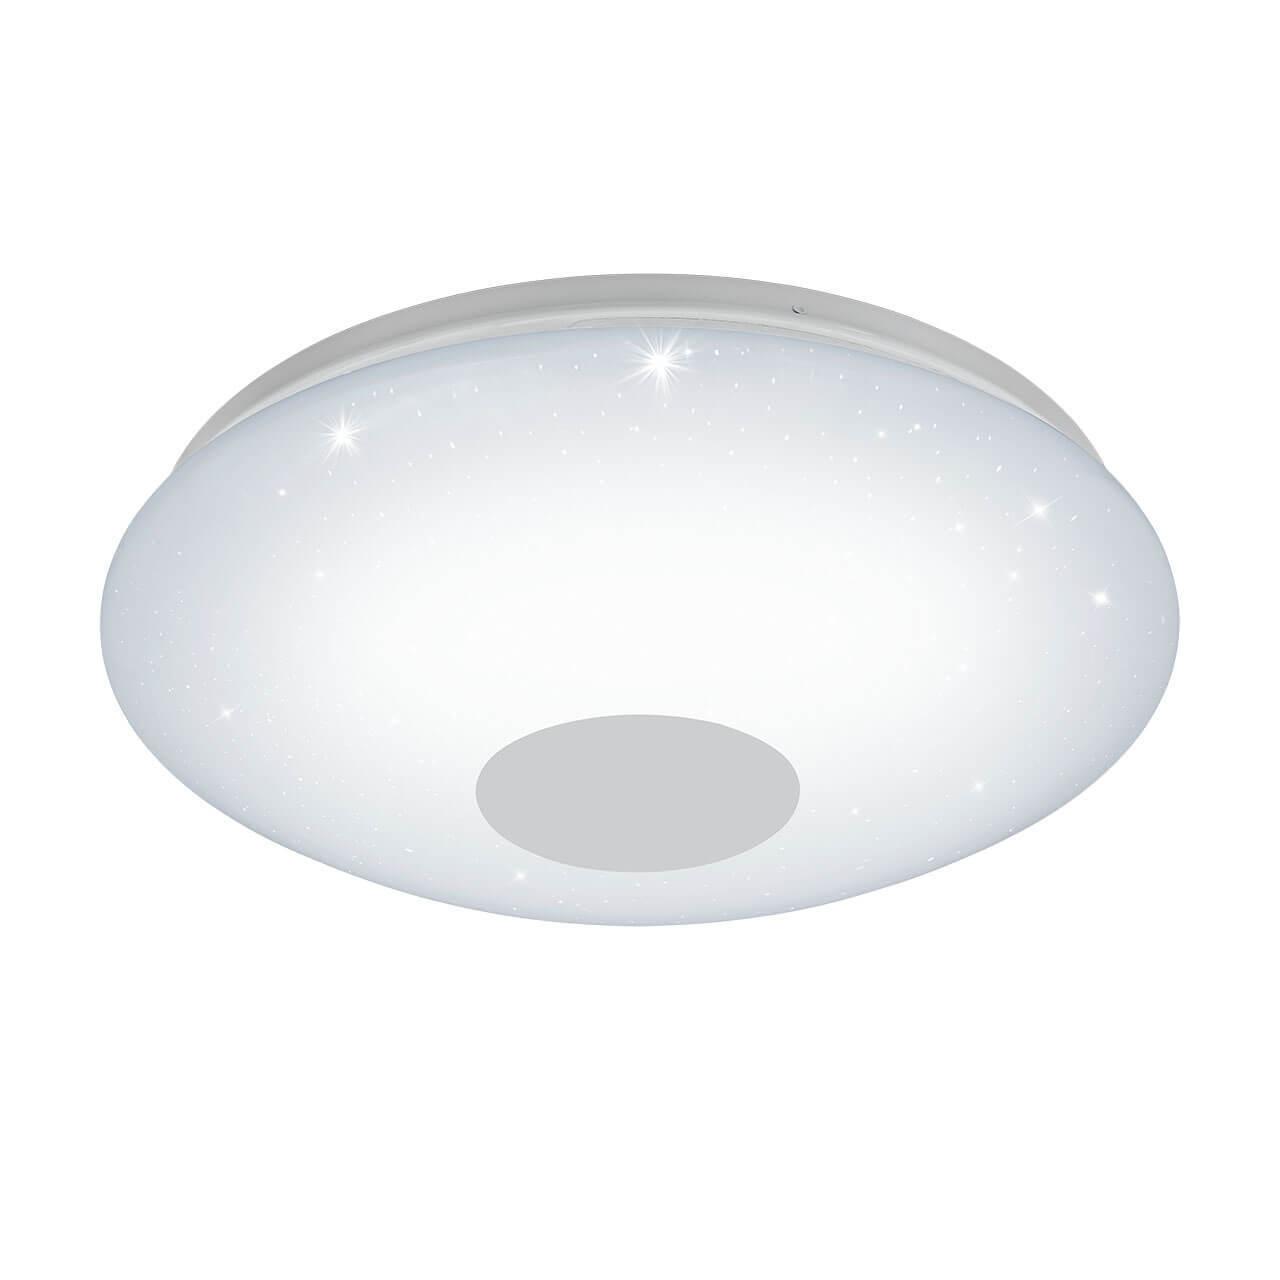 Светильник Eglo 96684 Voltago-C (Умный дом)